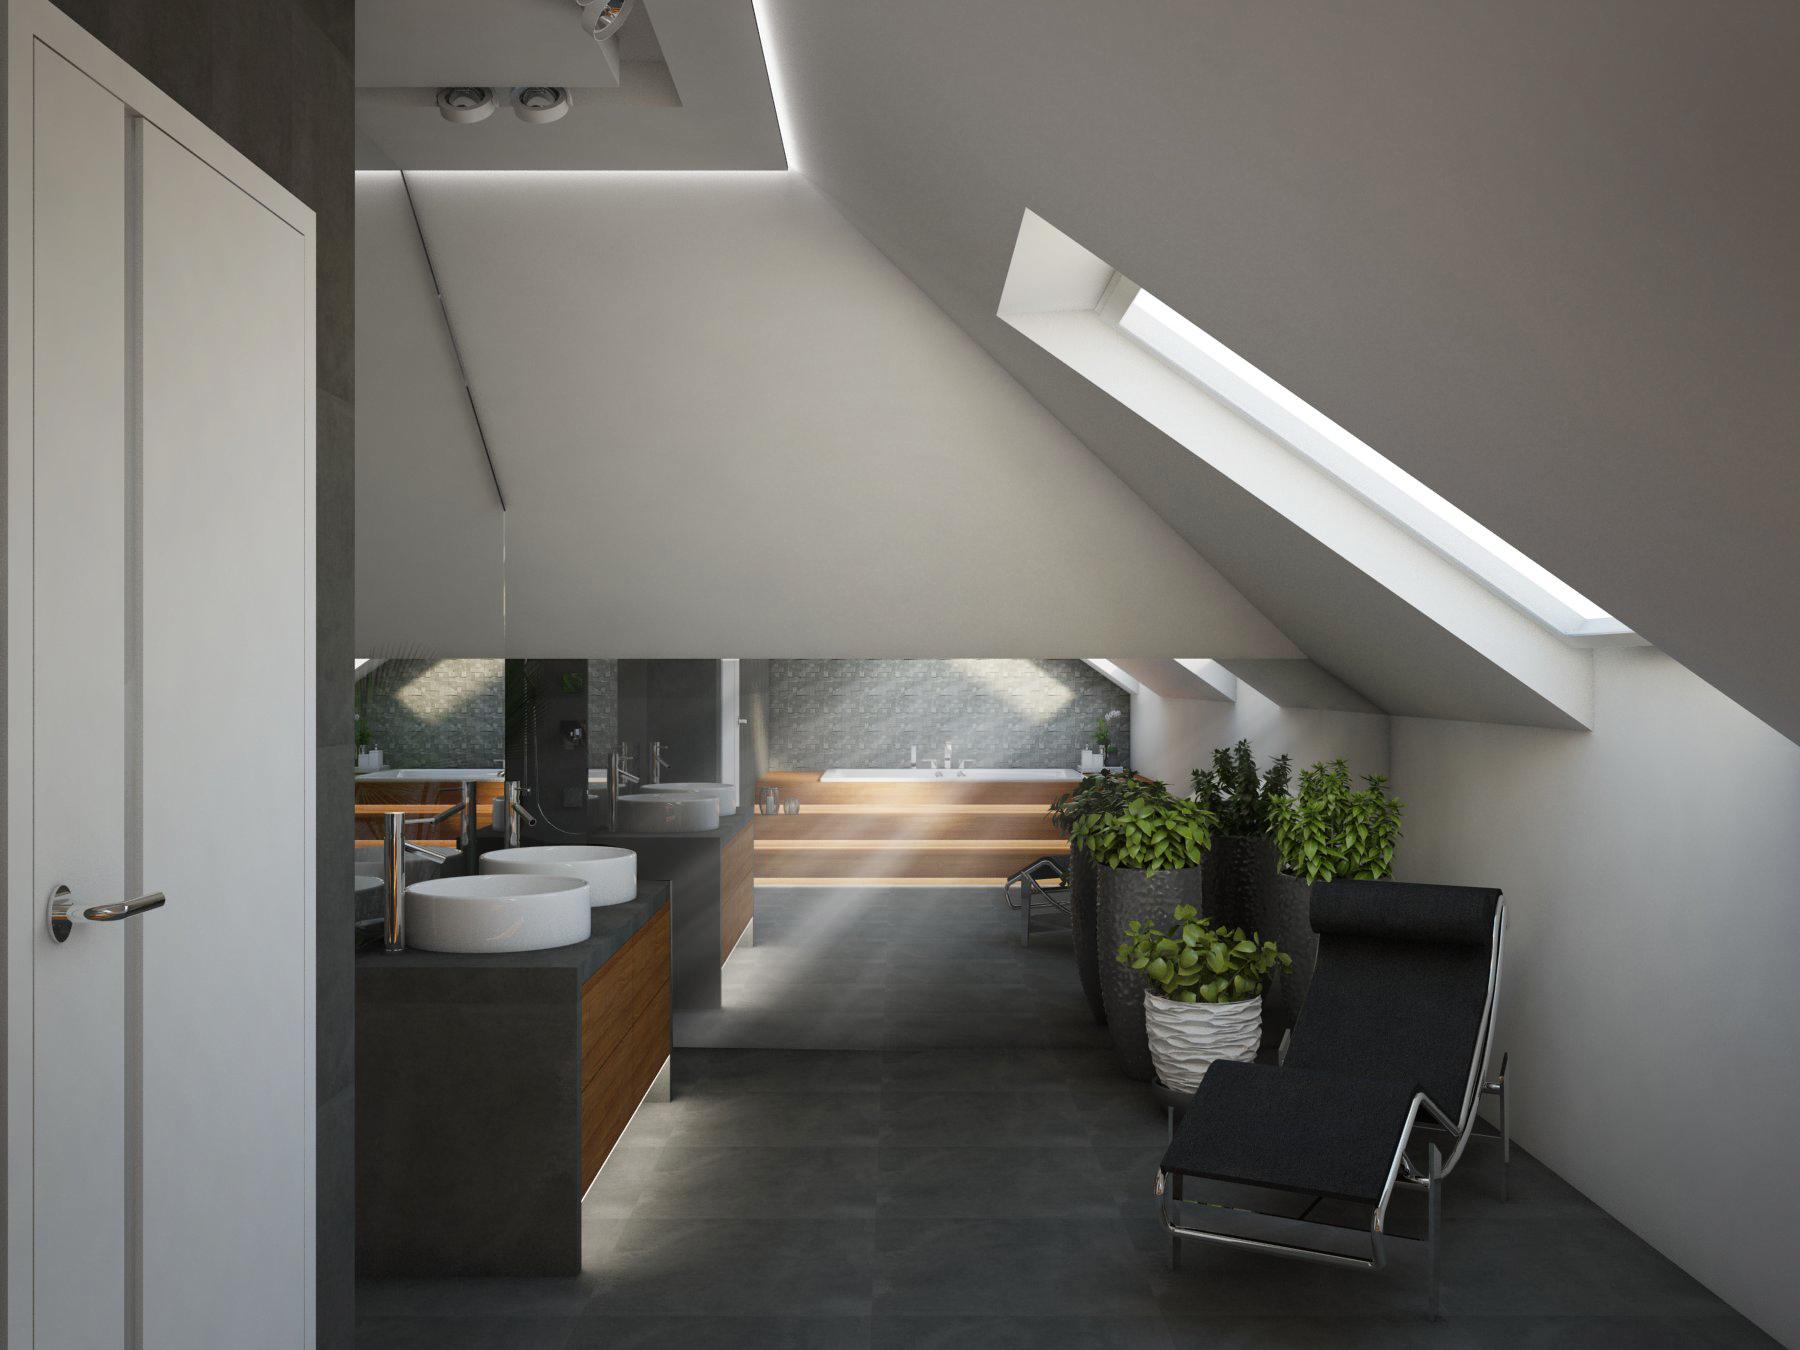 Łazienka – CIEMNY POKÓJ KĄPIELOWY